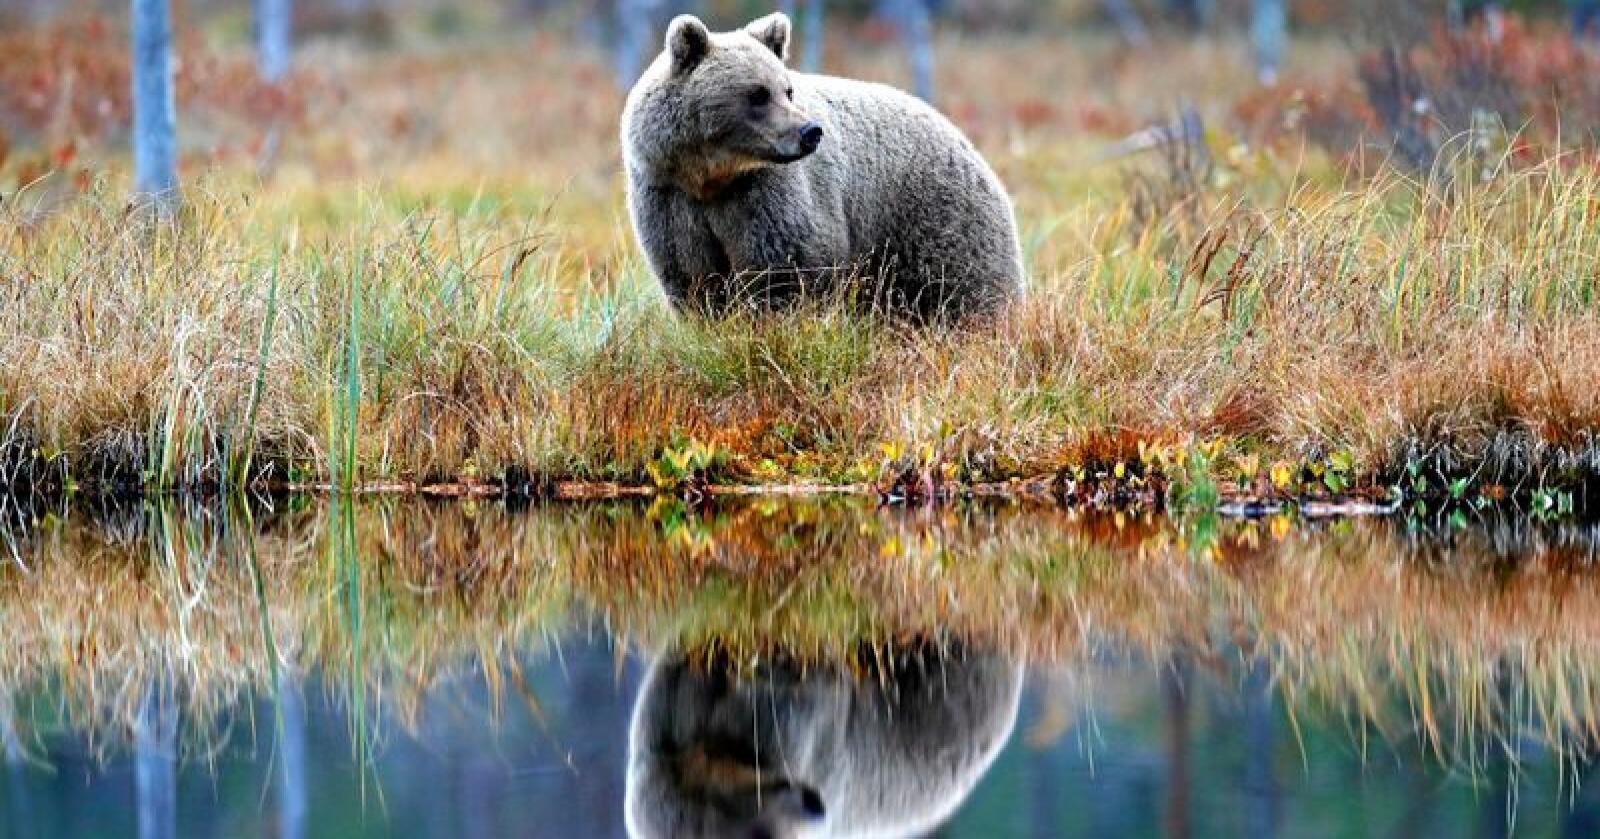 En skadegjørende bjørn i Namdalen viste seg overraskende å være en binne. (Bjørnen på bildet er ikke den omtalte bjørnen.) Foto: Ondrej Prosicky / Mostphotos